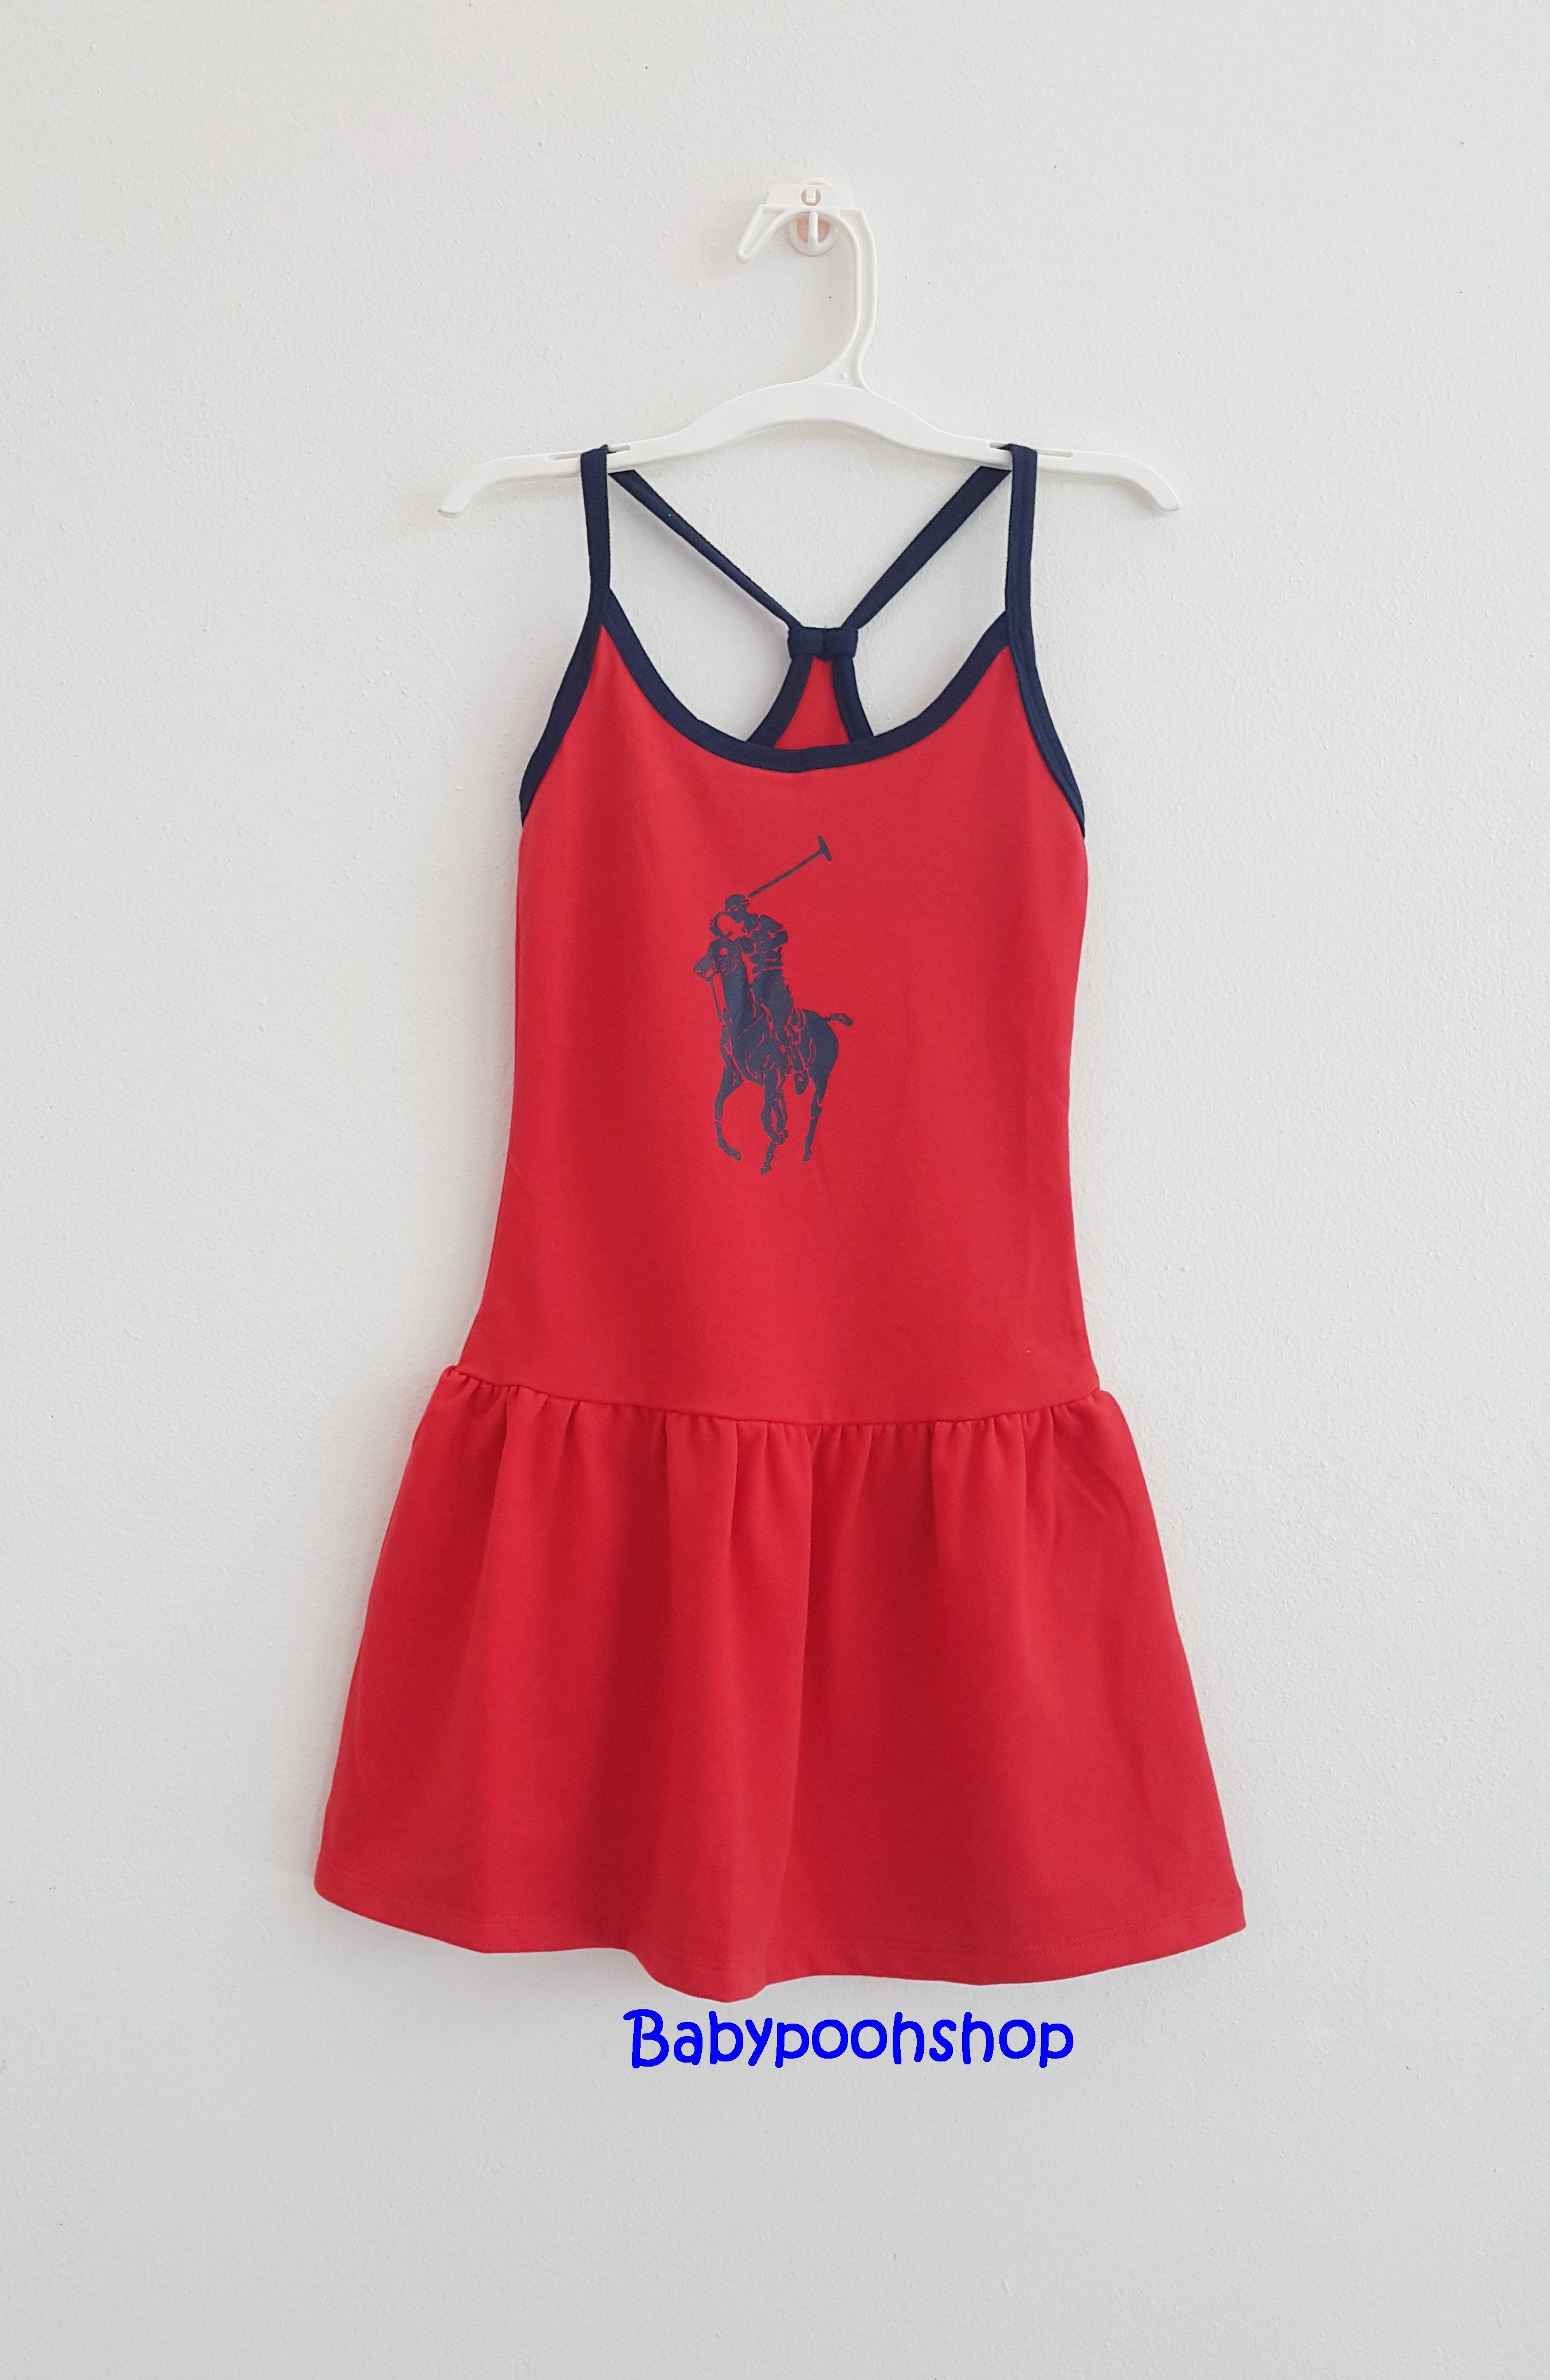 Polo : เดรสโปโล สายเดี่ยวสีแดง size 6 (5-6y) / 8 (6-8y) / 10 (8-10y)